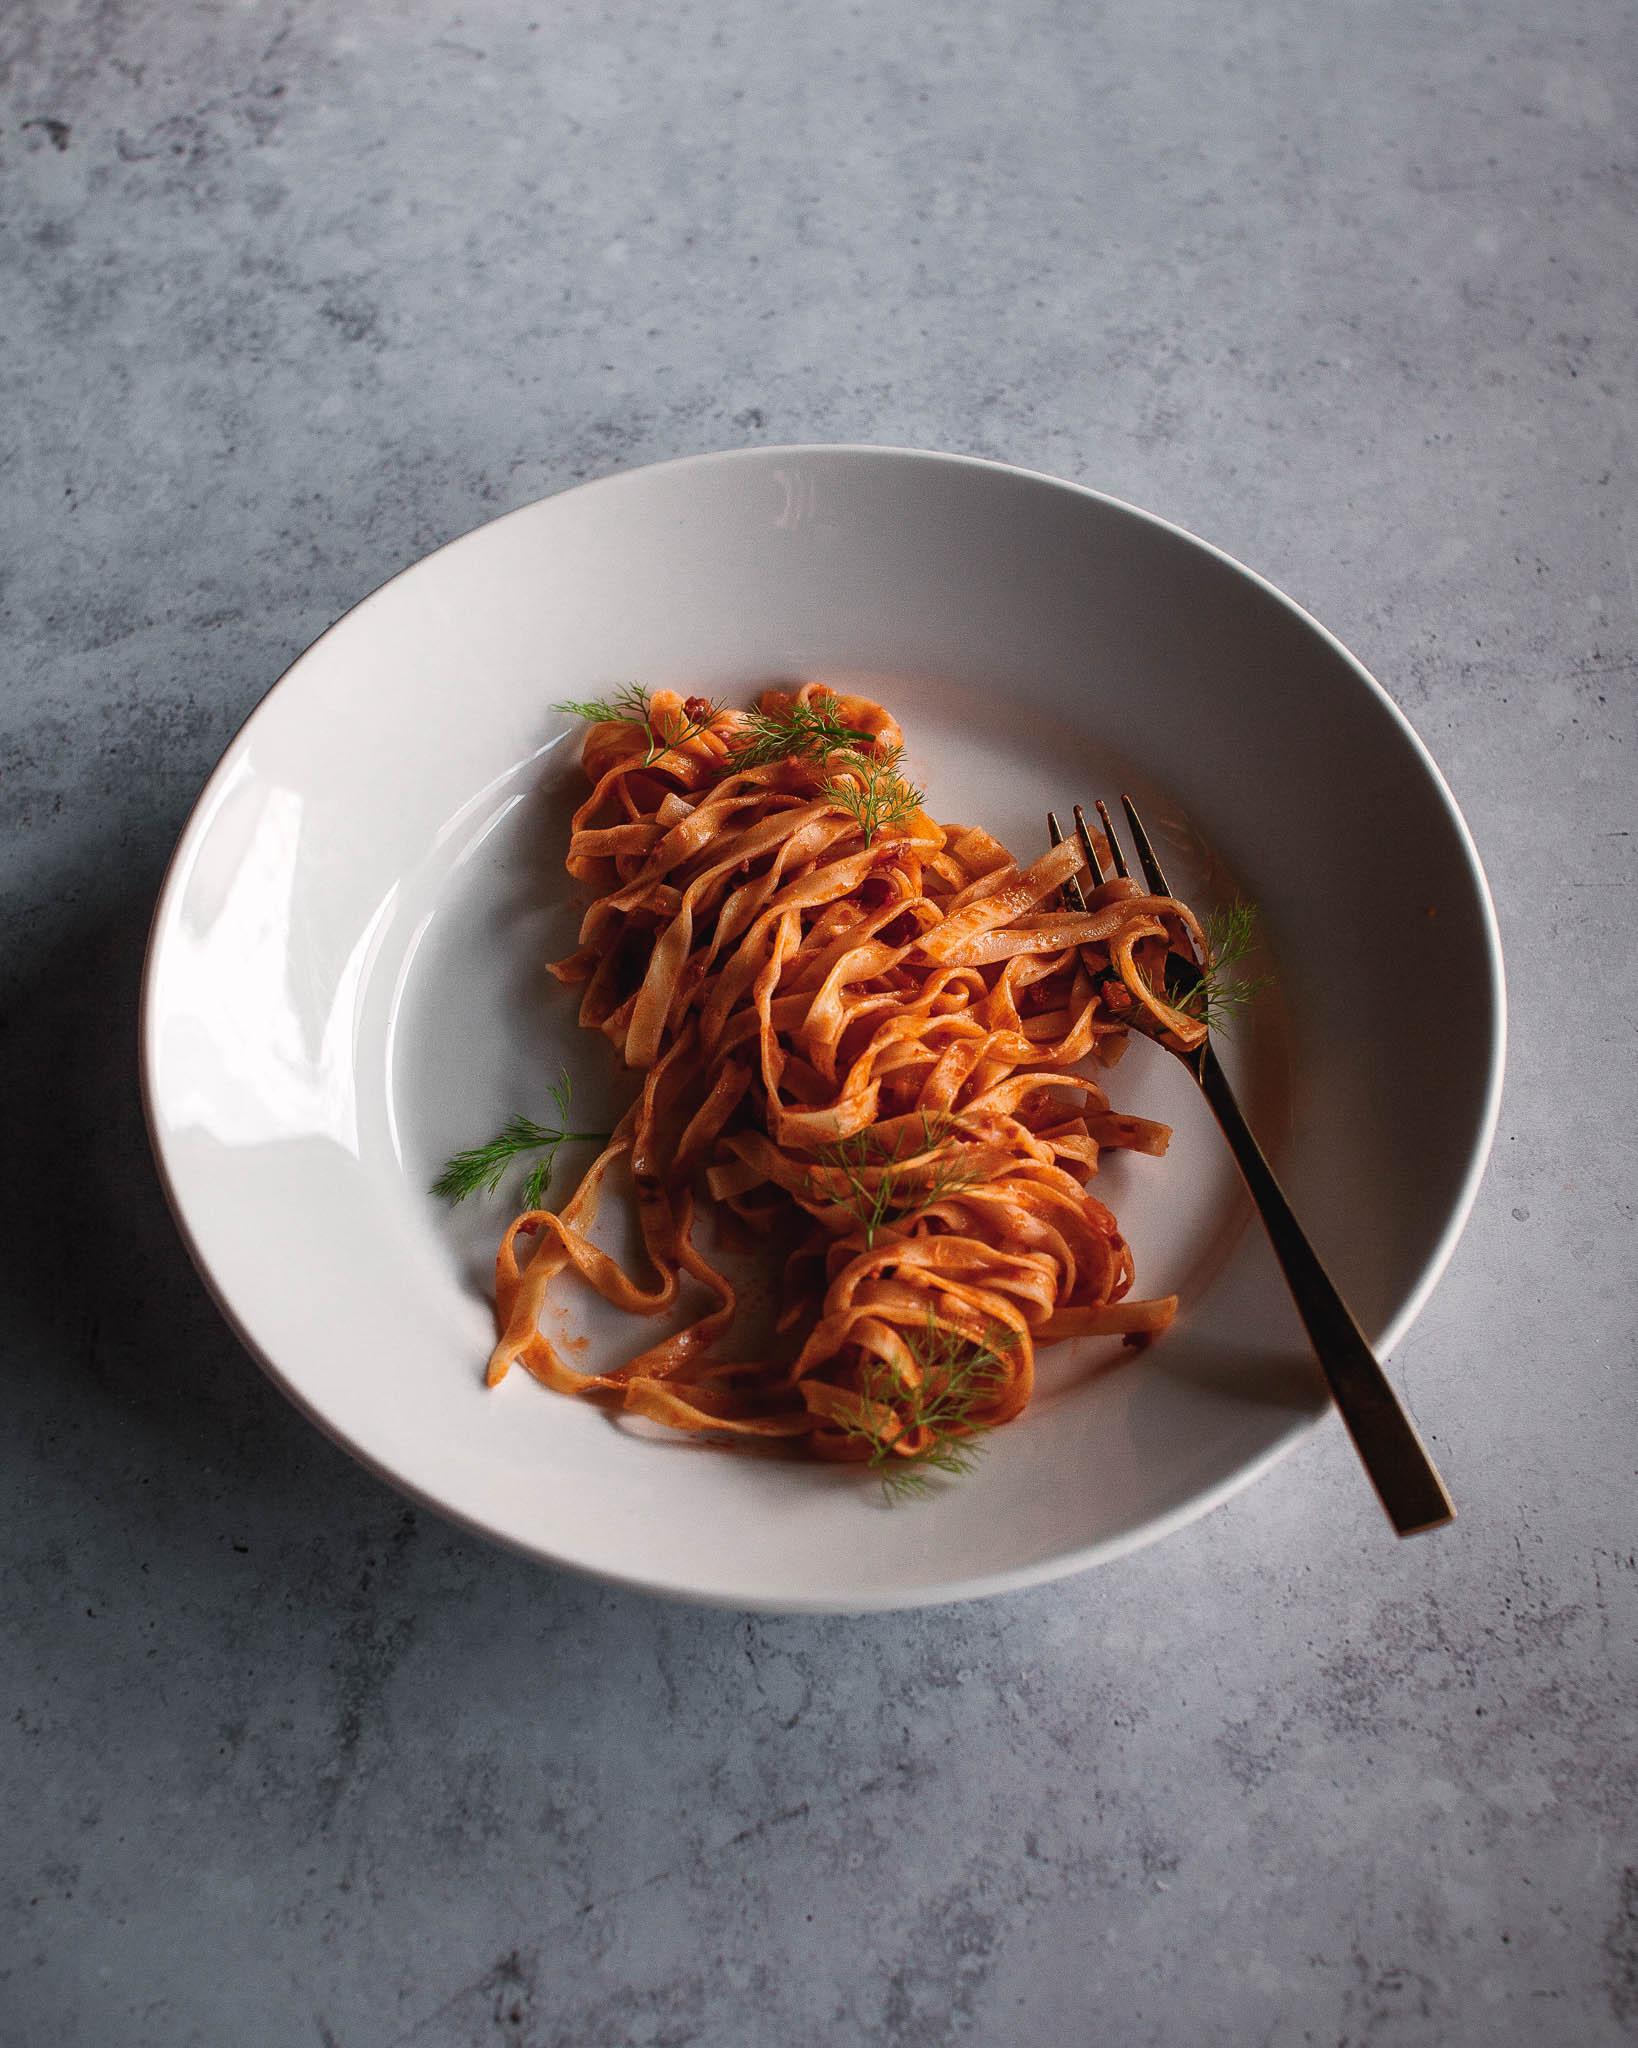 Barilla-Pasta-Web-Cultivate-005.jpg